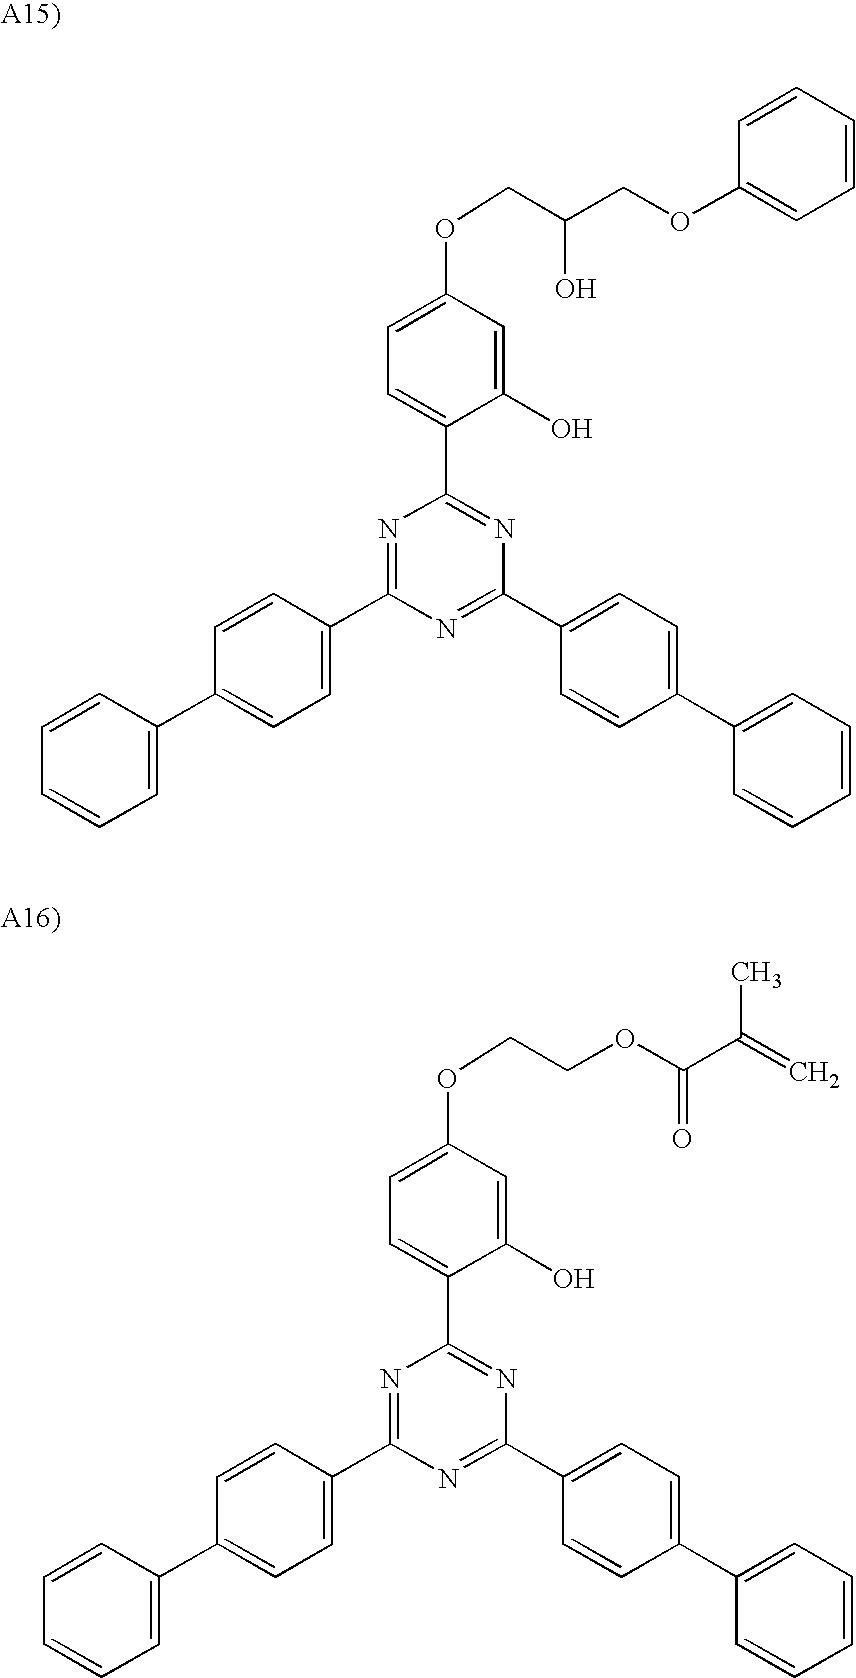 Figure US20060052491A1-20060309-C00026